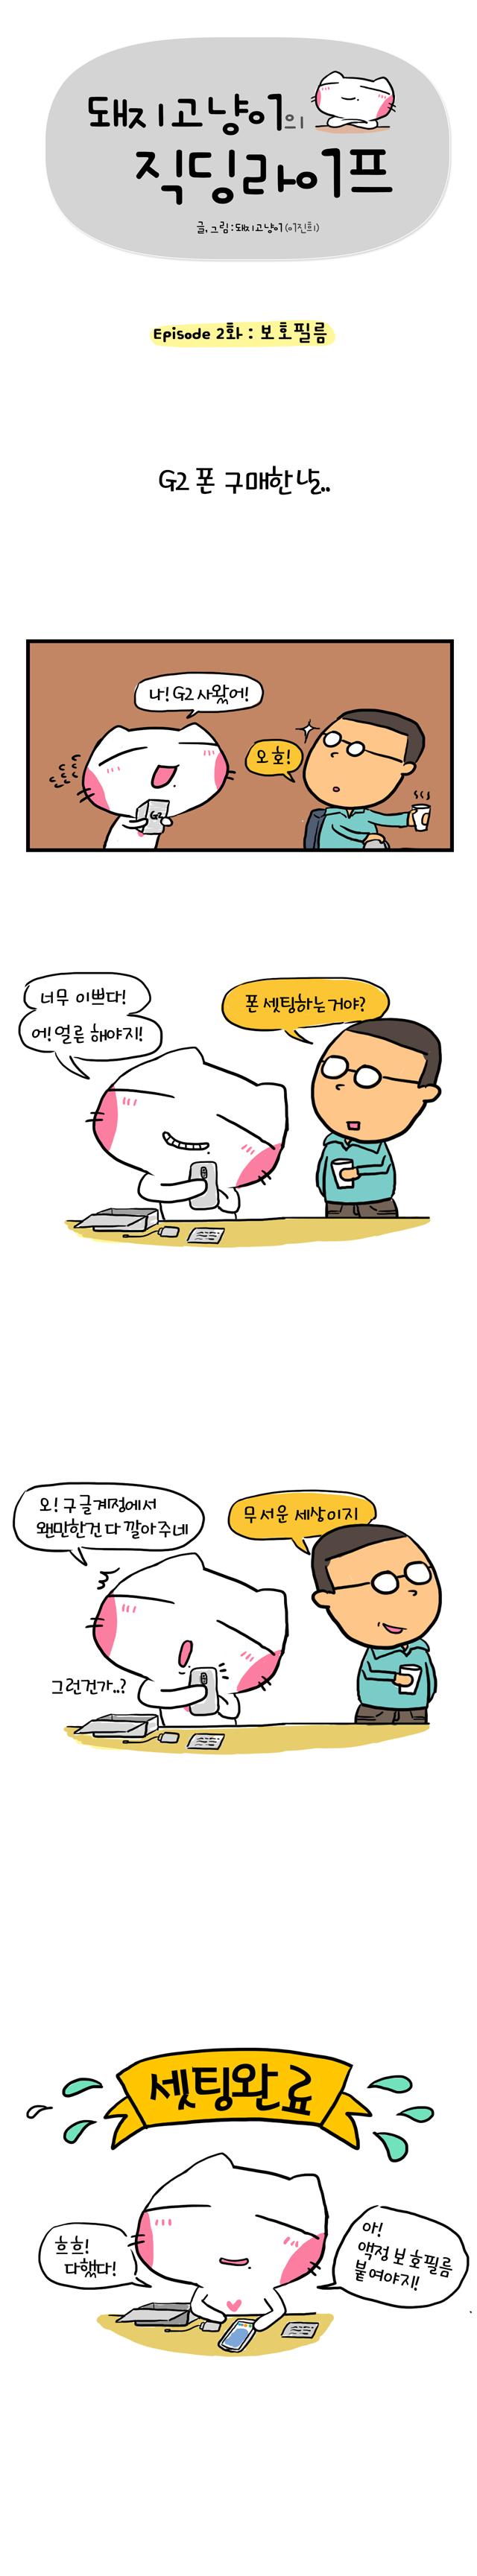 돼지고냥이의직딩라이프 2화 (1)